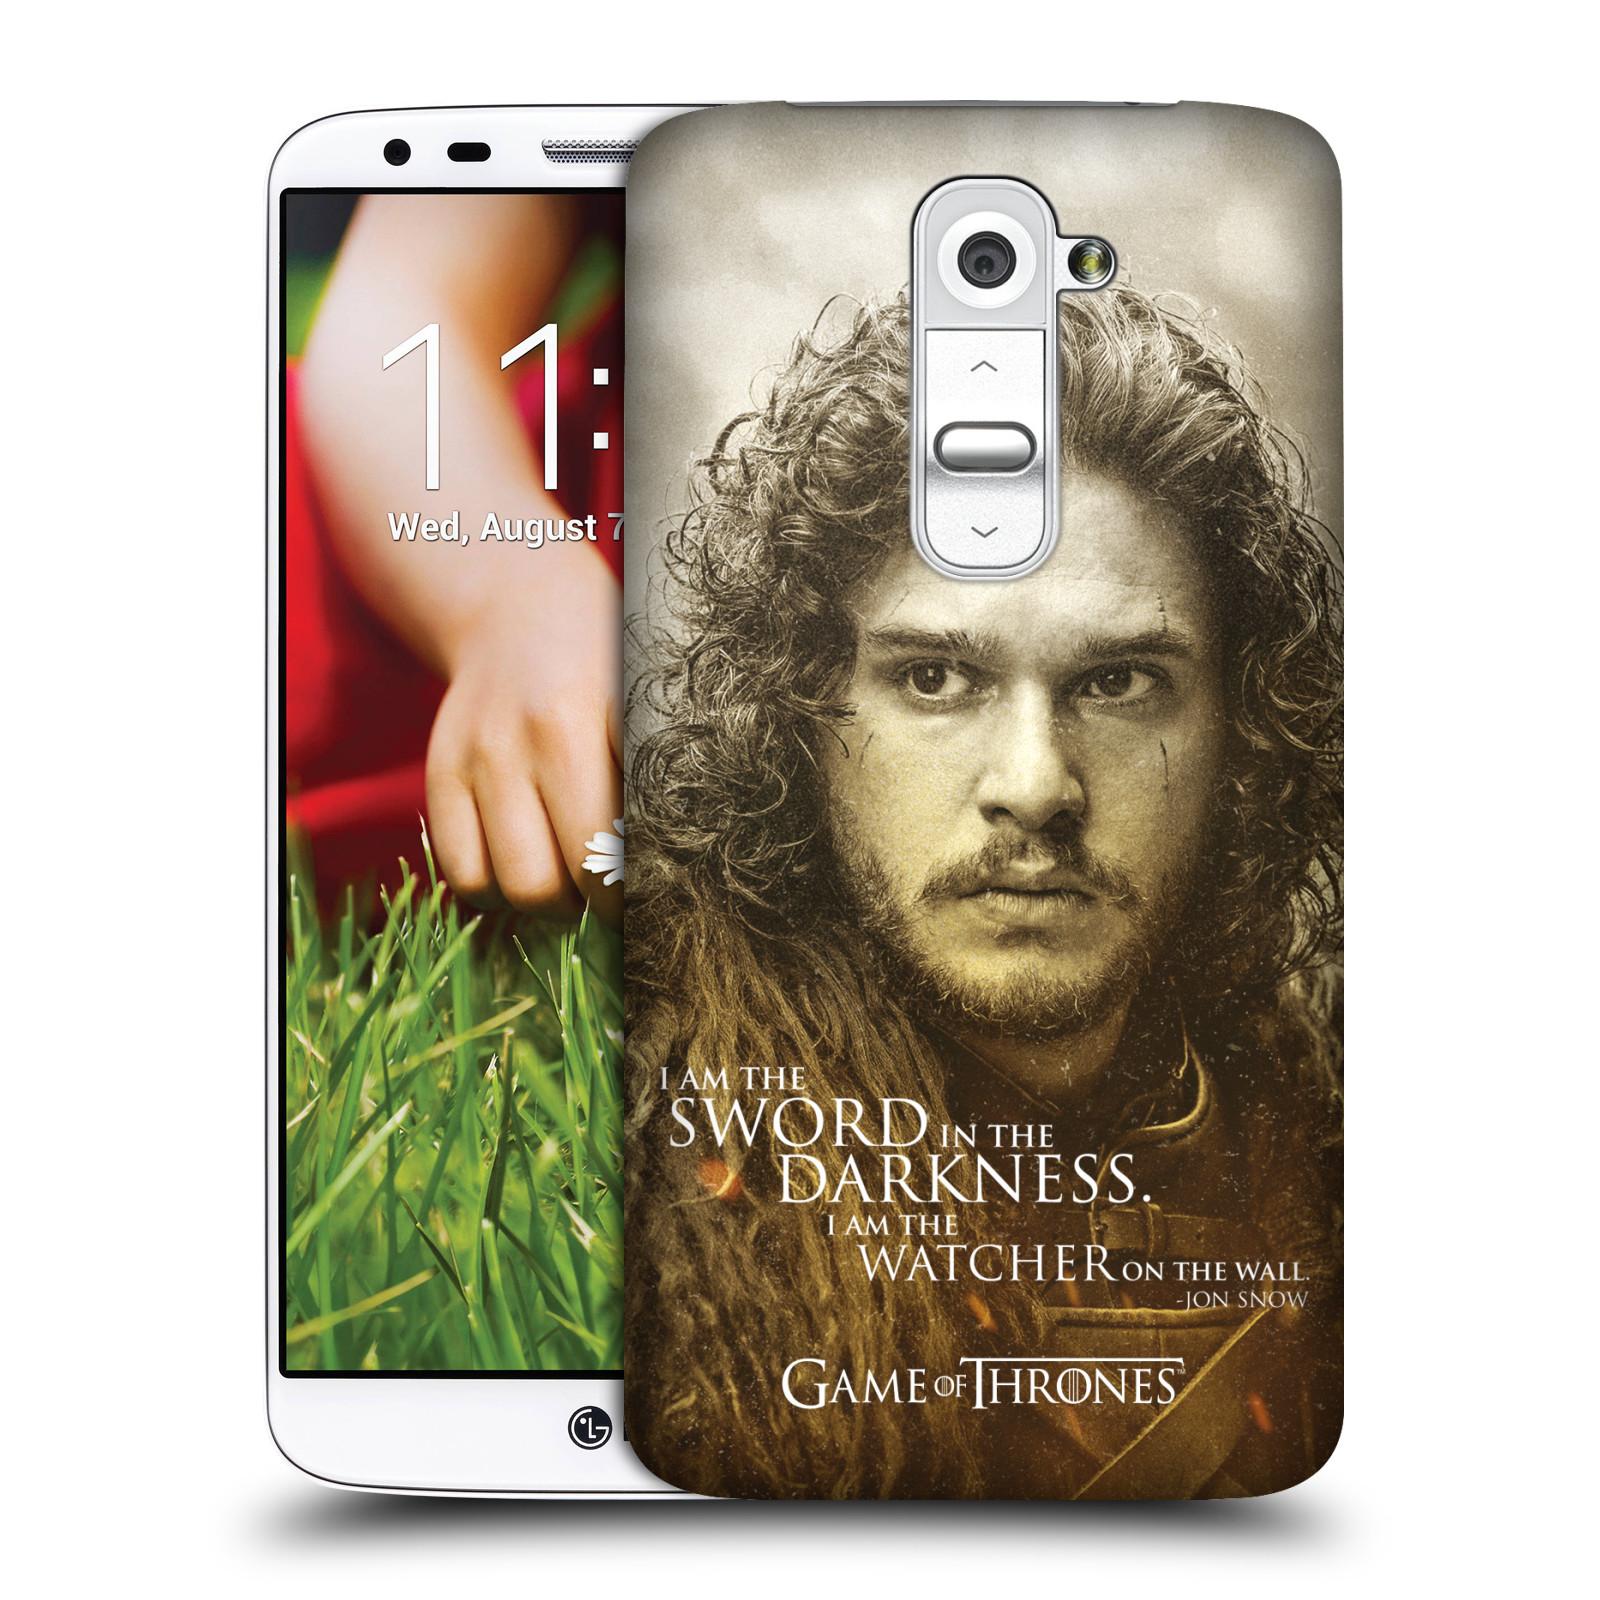 Plastové pouzdro na mobil LG G2 HEAD CASE Hra o trůny - Jon Snow (Plastový kryt či obal na mobilní telefon s licencovaným motivem Hra o trůny - Game Of Thrones pro LG G2)